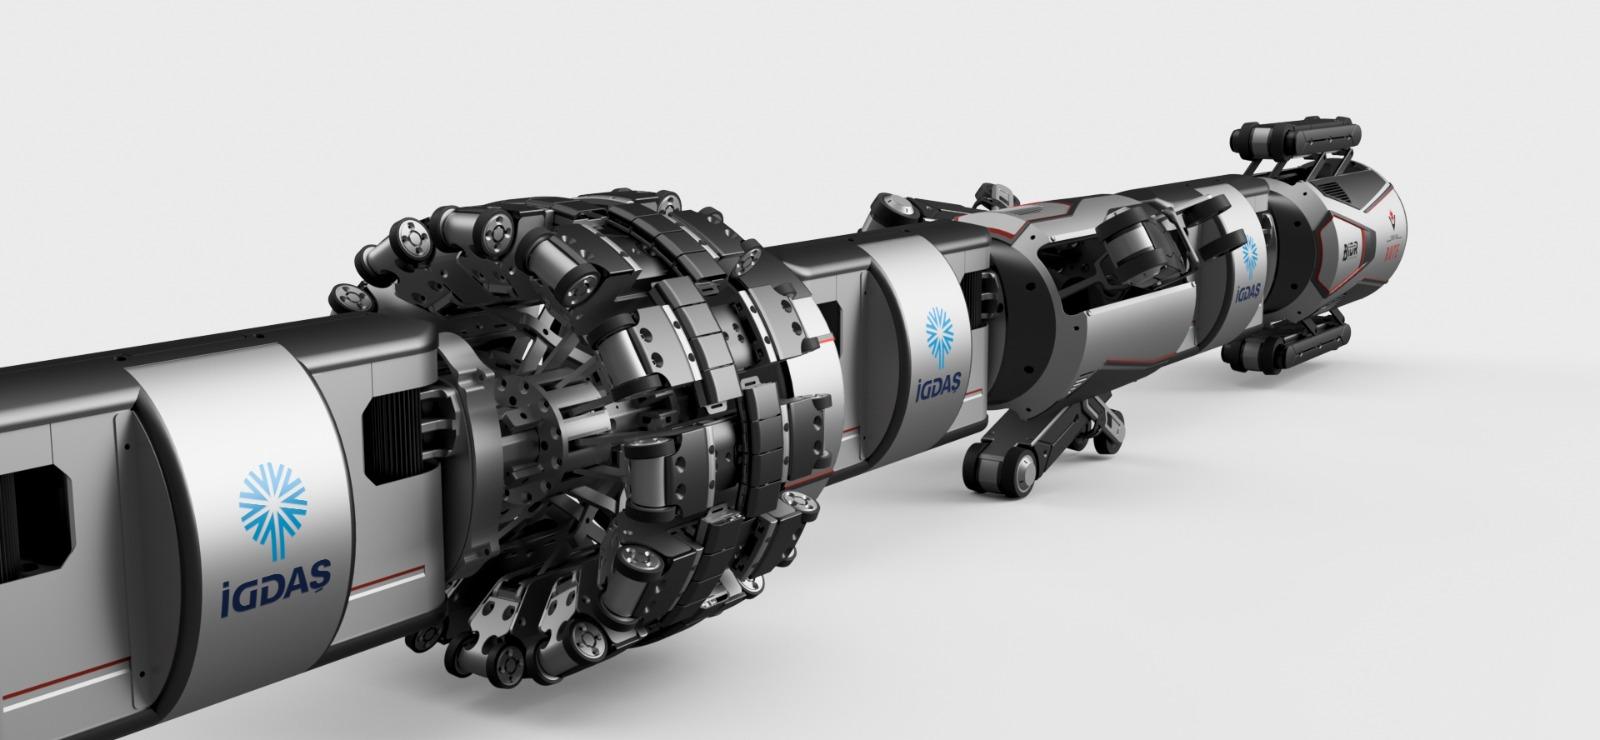 İGDAŞ'ın robotu, boruları içeriden gözleyecek 12